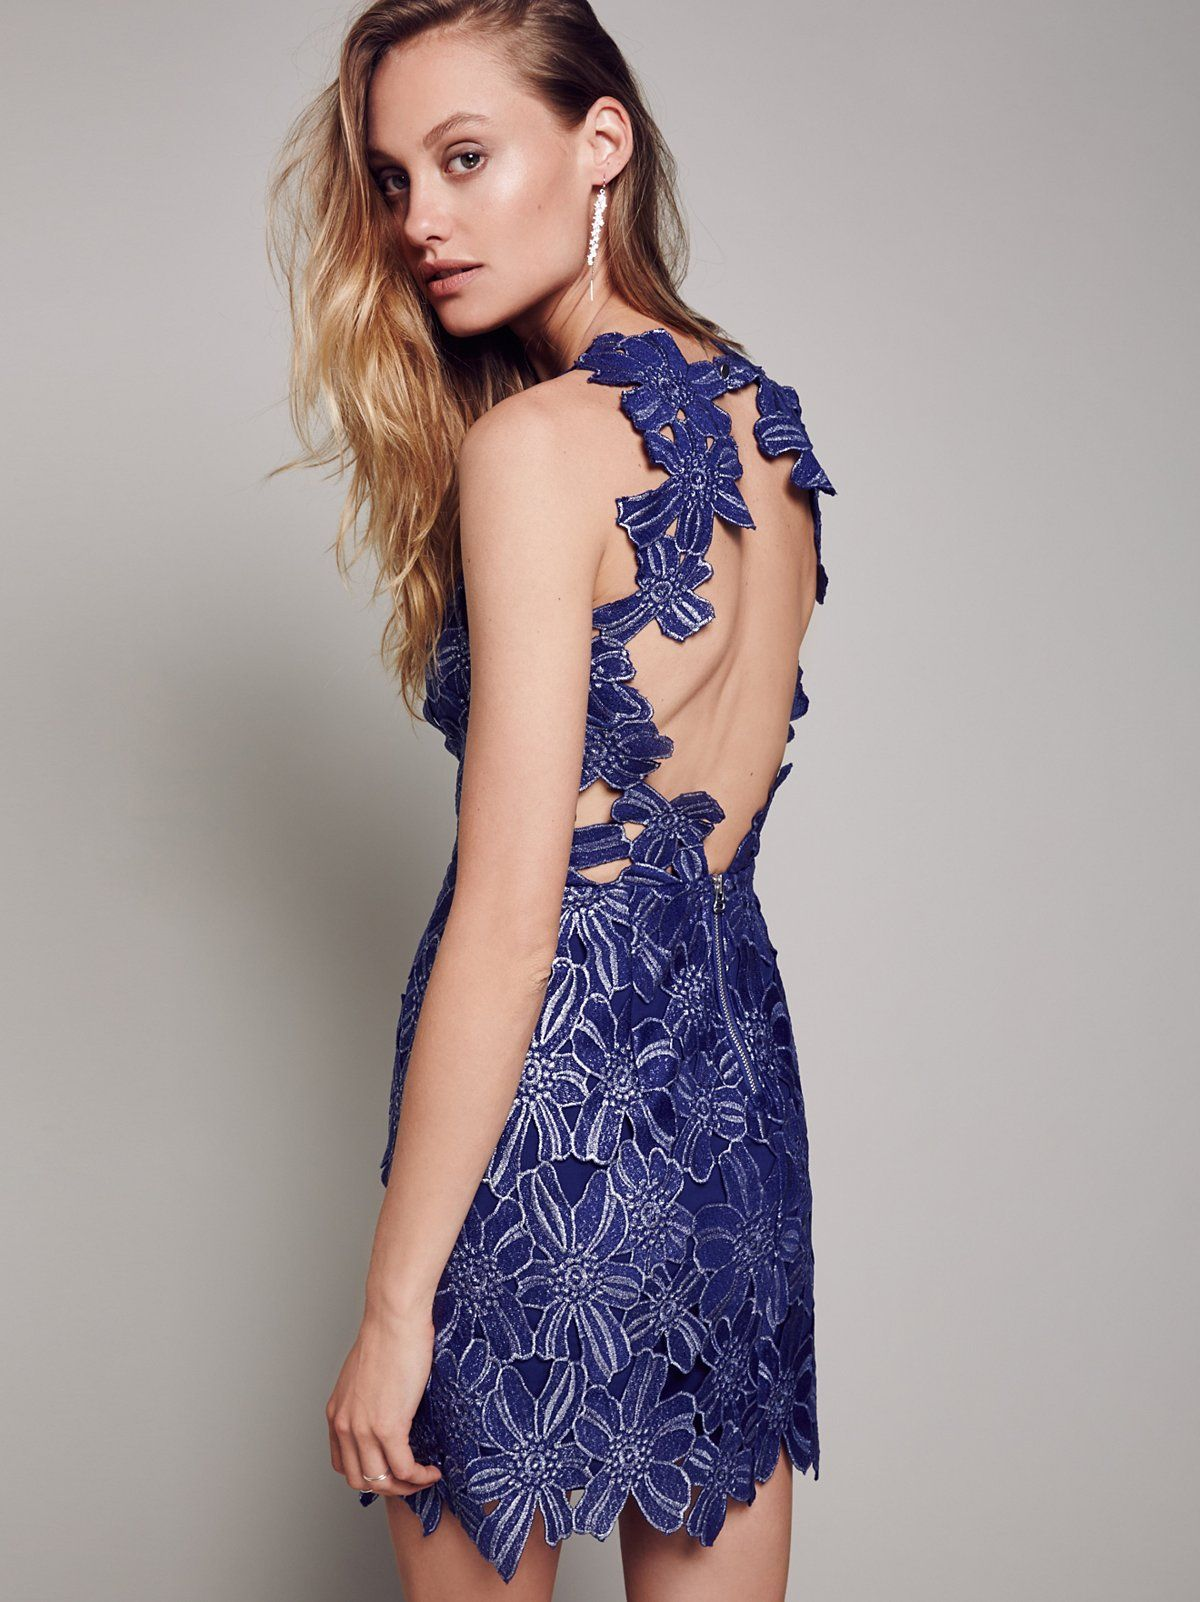 Jessa Foil Lace Dress  250.00   Free People 2395cdd26